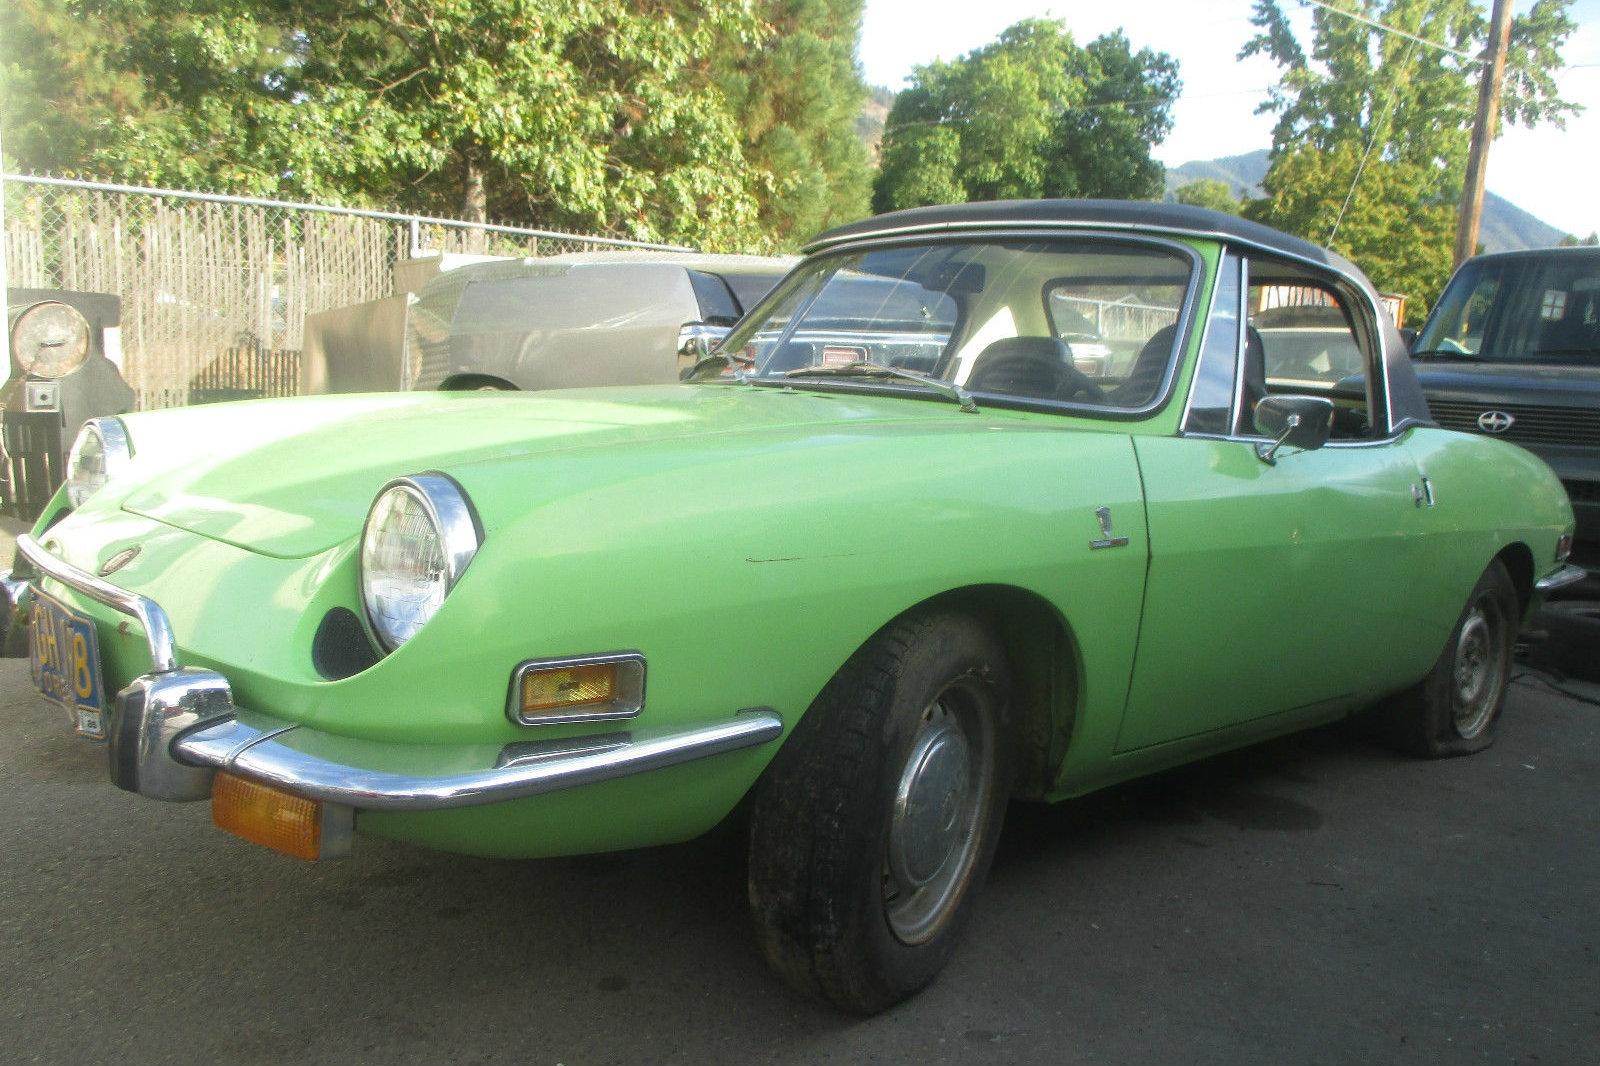 Rust Free Fiat Find? 1972 Fiat 850